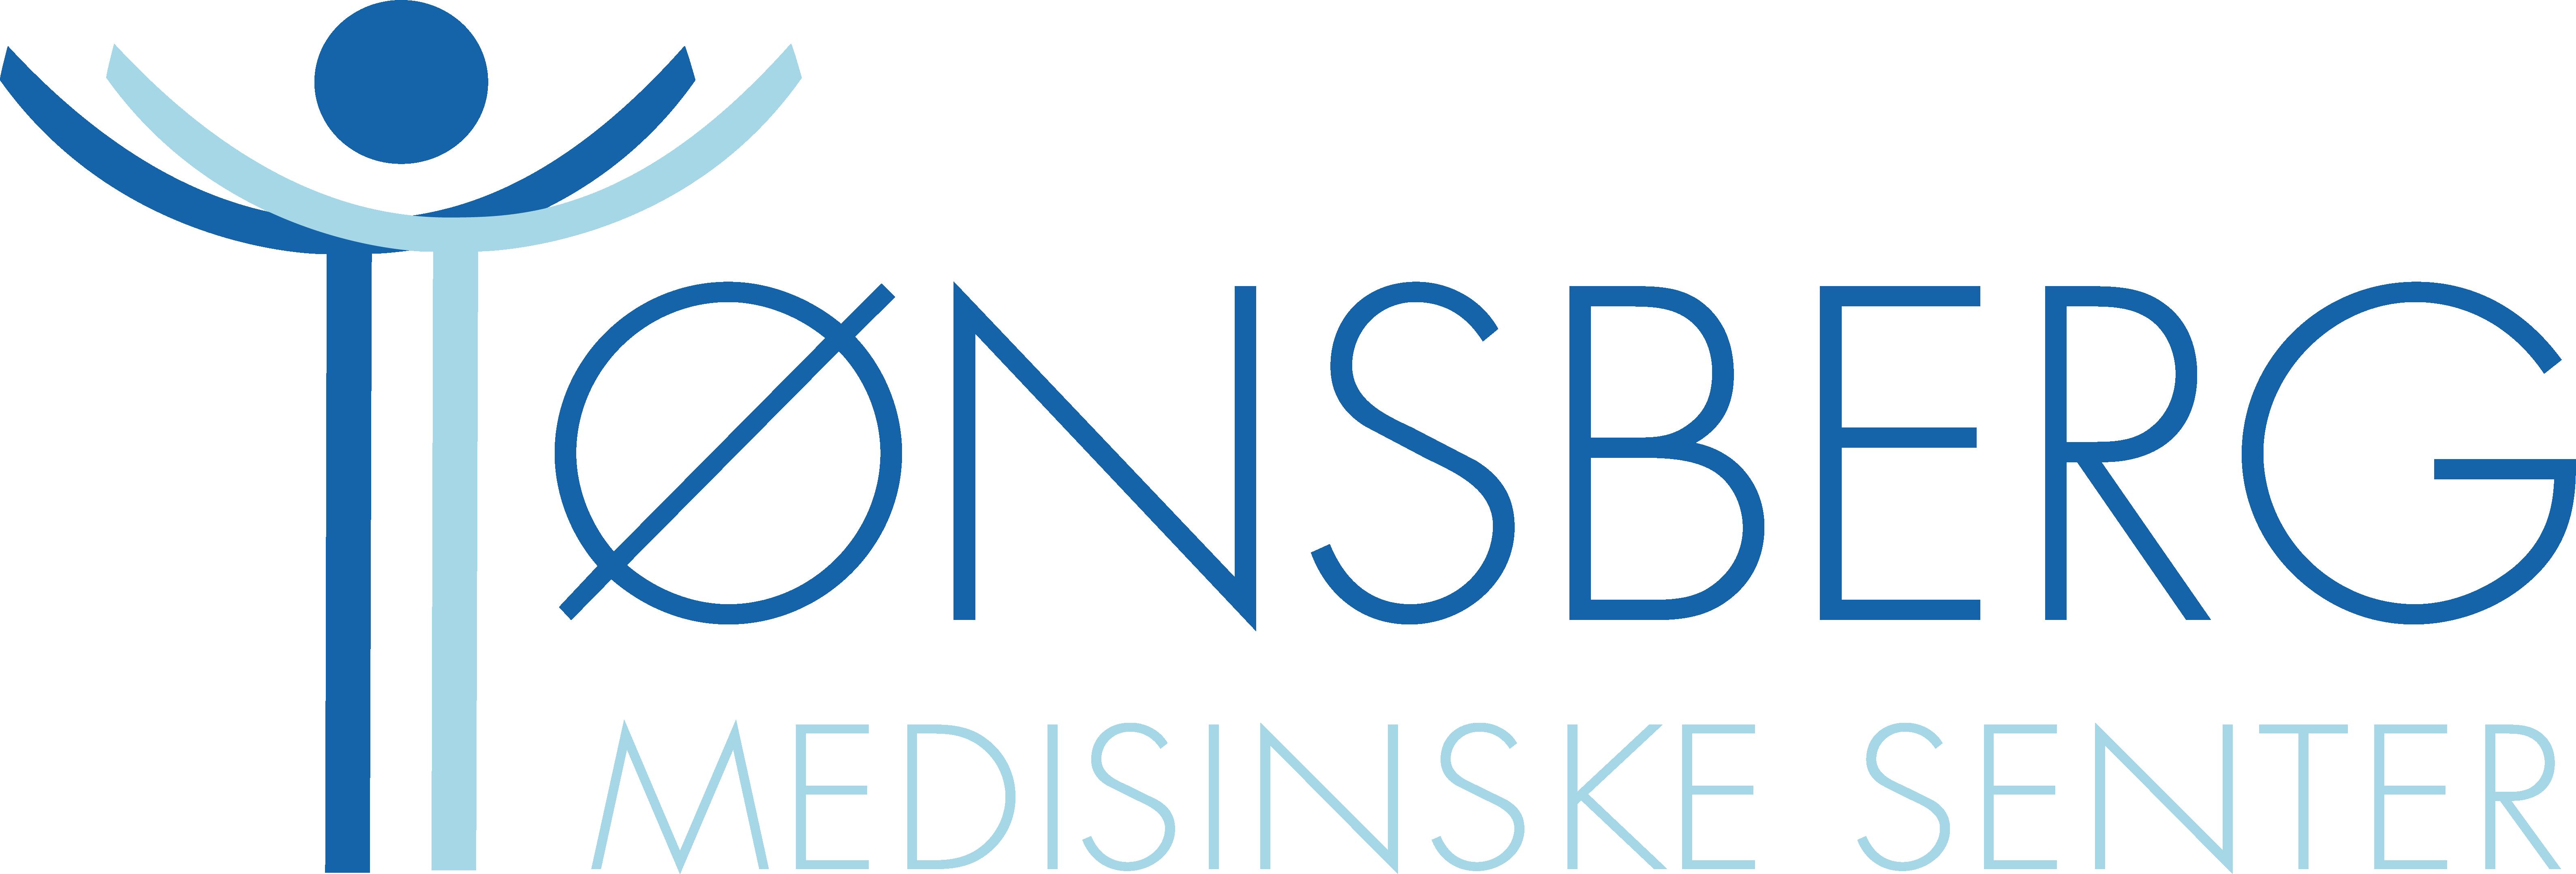 Tønsberg Medisinske Senter